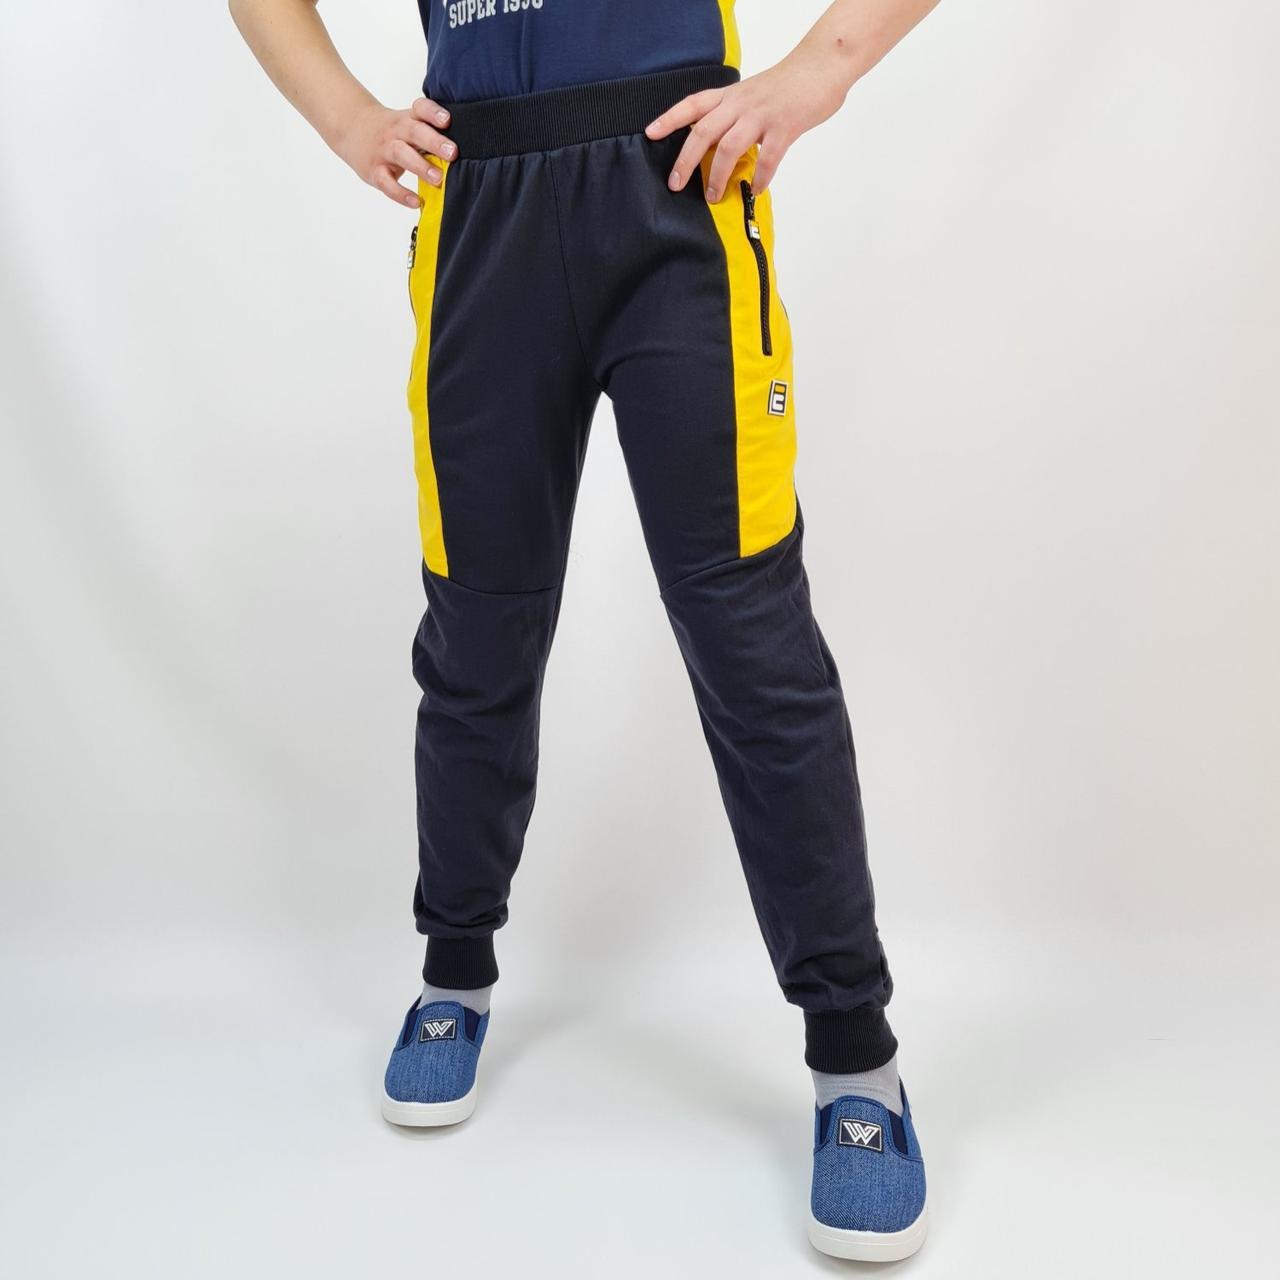 Спортивні штани для хлопчика чорні з жовтим тм Mr.David розмір 140,152,158,164 см